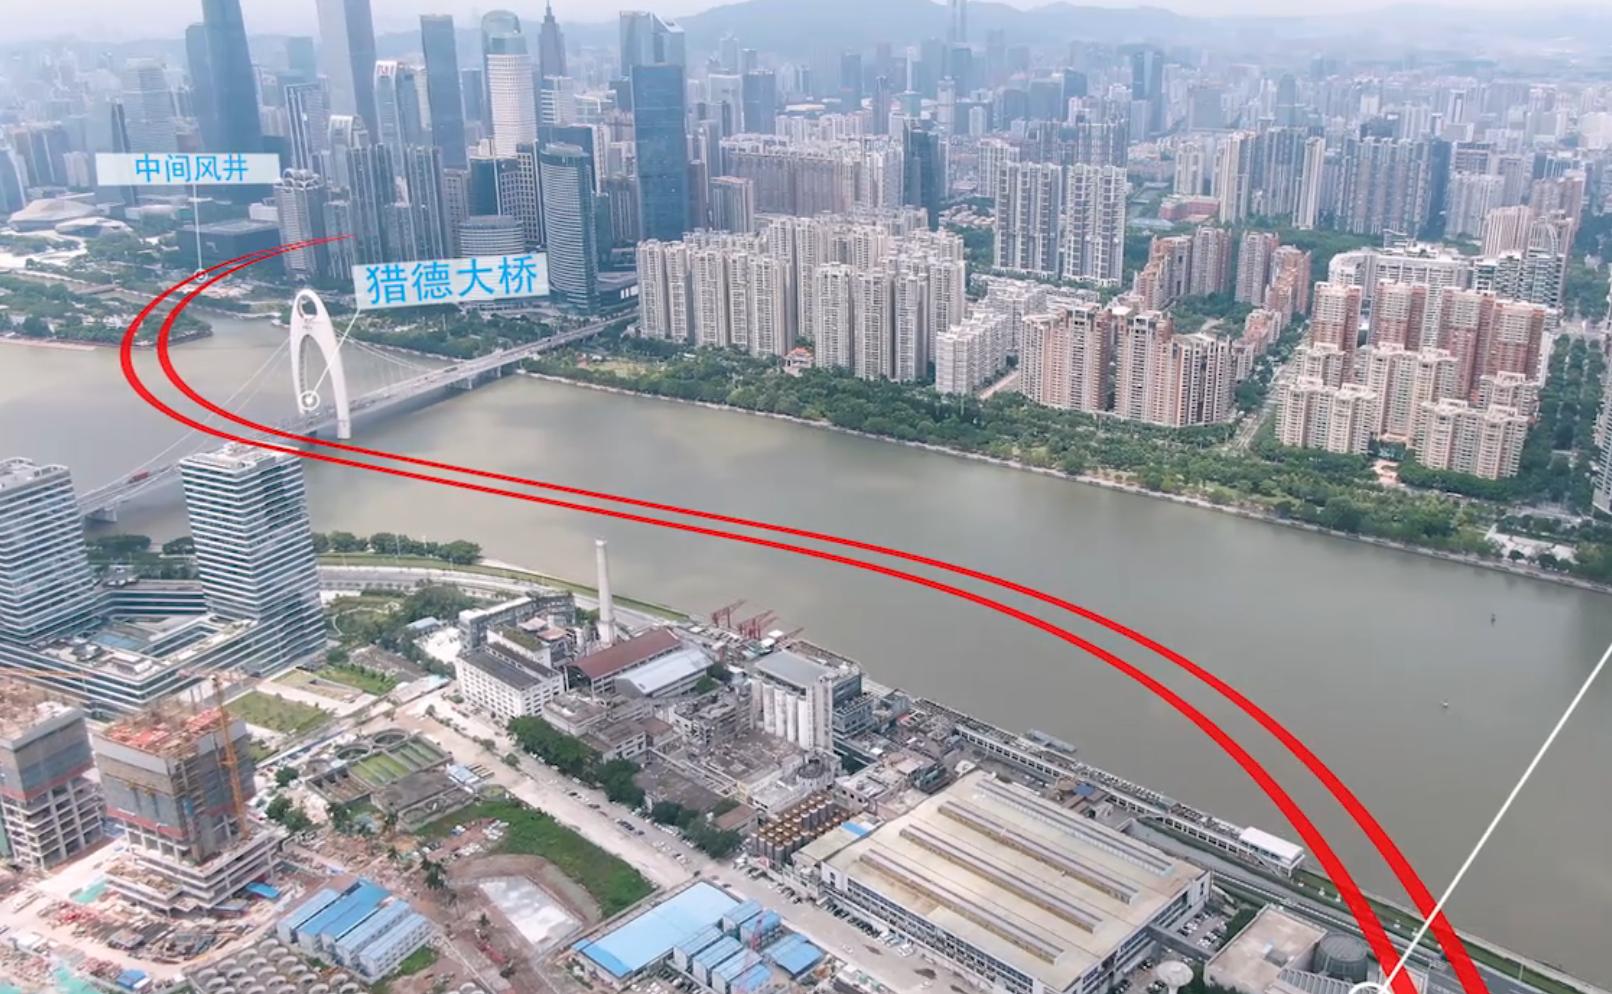 广州电脑维修_四年攻坚 广州地铁十八号线运营速度达160公里